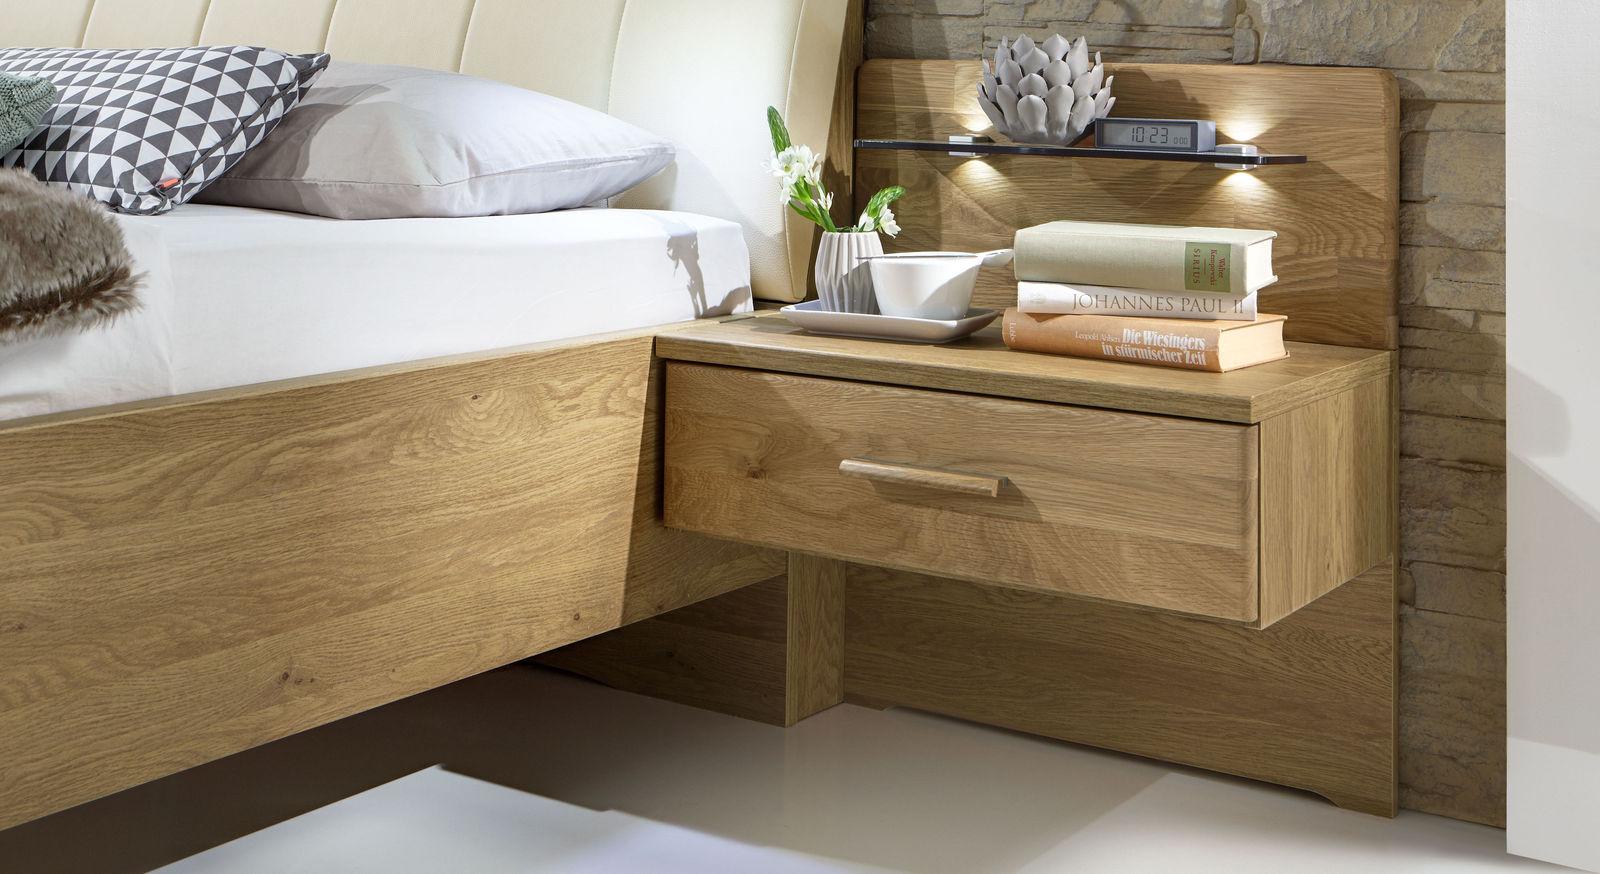 nachttisch in eiche optional mit glasboden beleuchtung. Black Bedroom Furniture Sets. Home Design Ideas